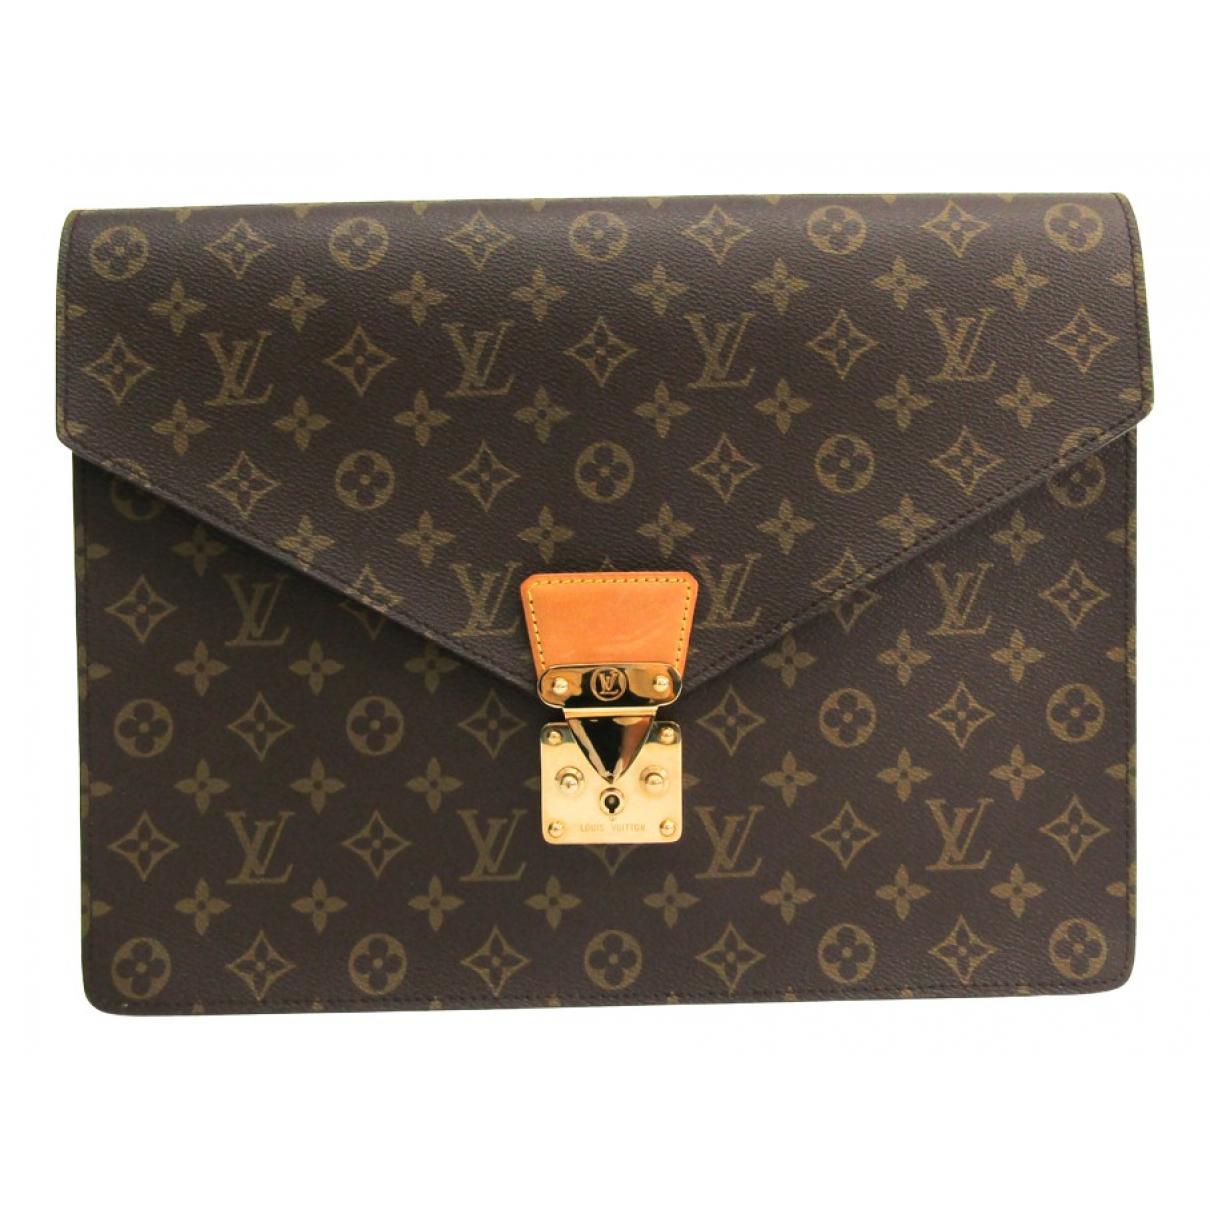 Louis Vuitton - Pochette Serviette Ambassadeur pour femme en toile - marron